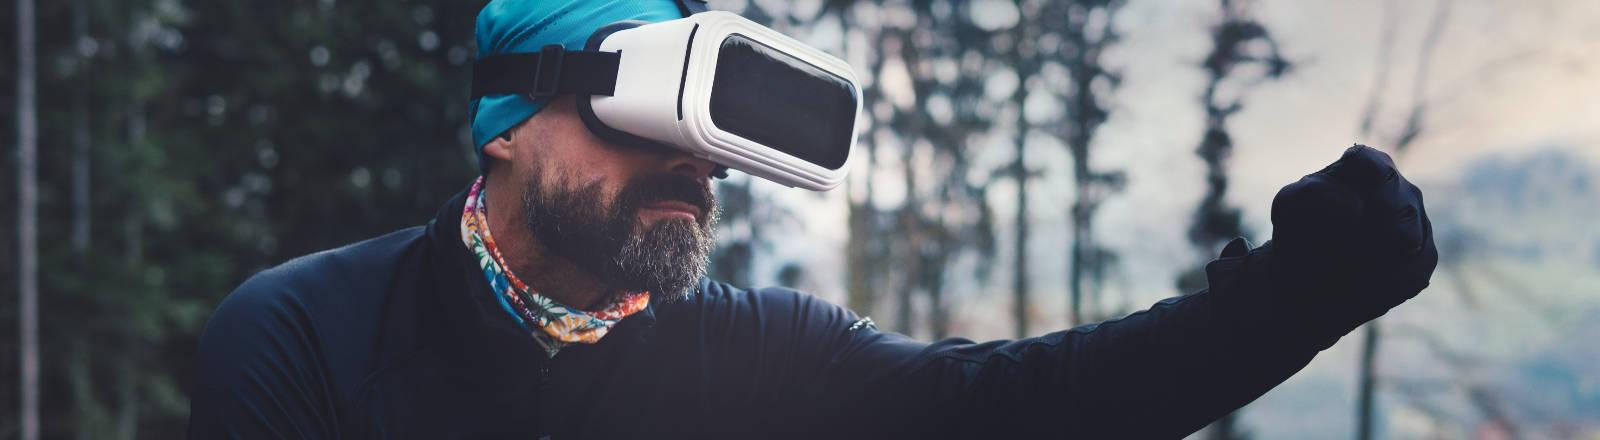 Ein Mann mit Virtual-Reality-Brille im Wald